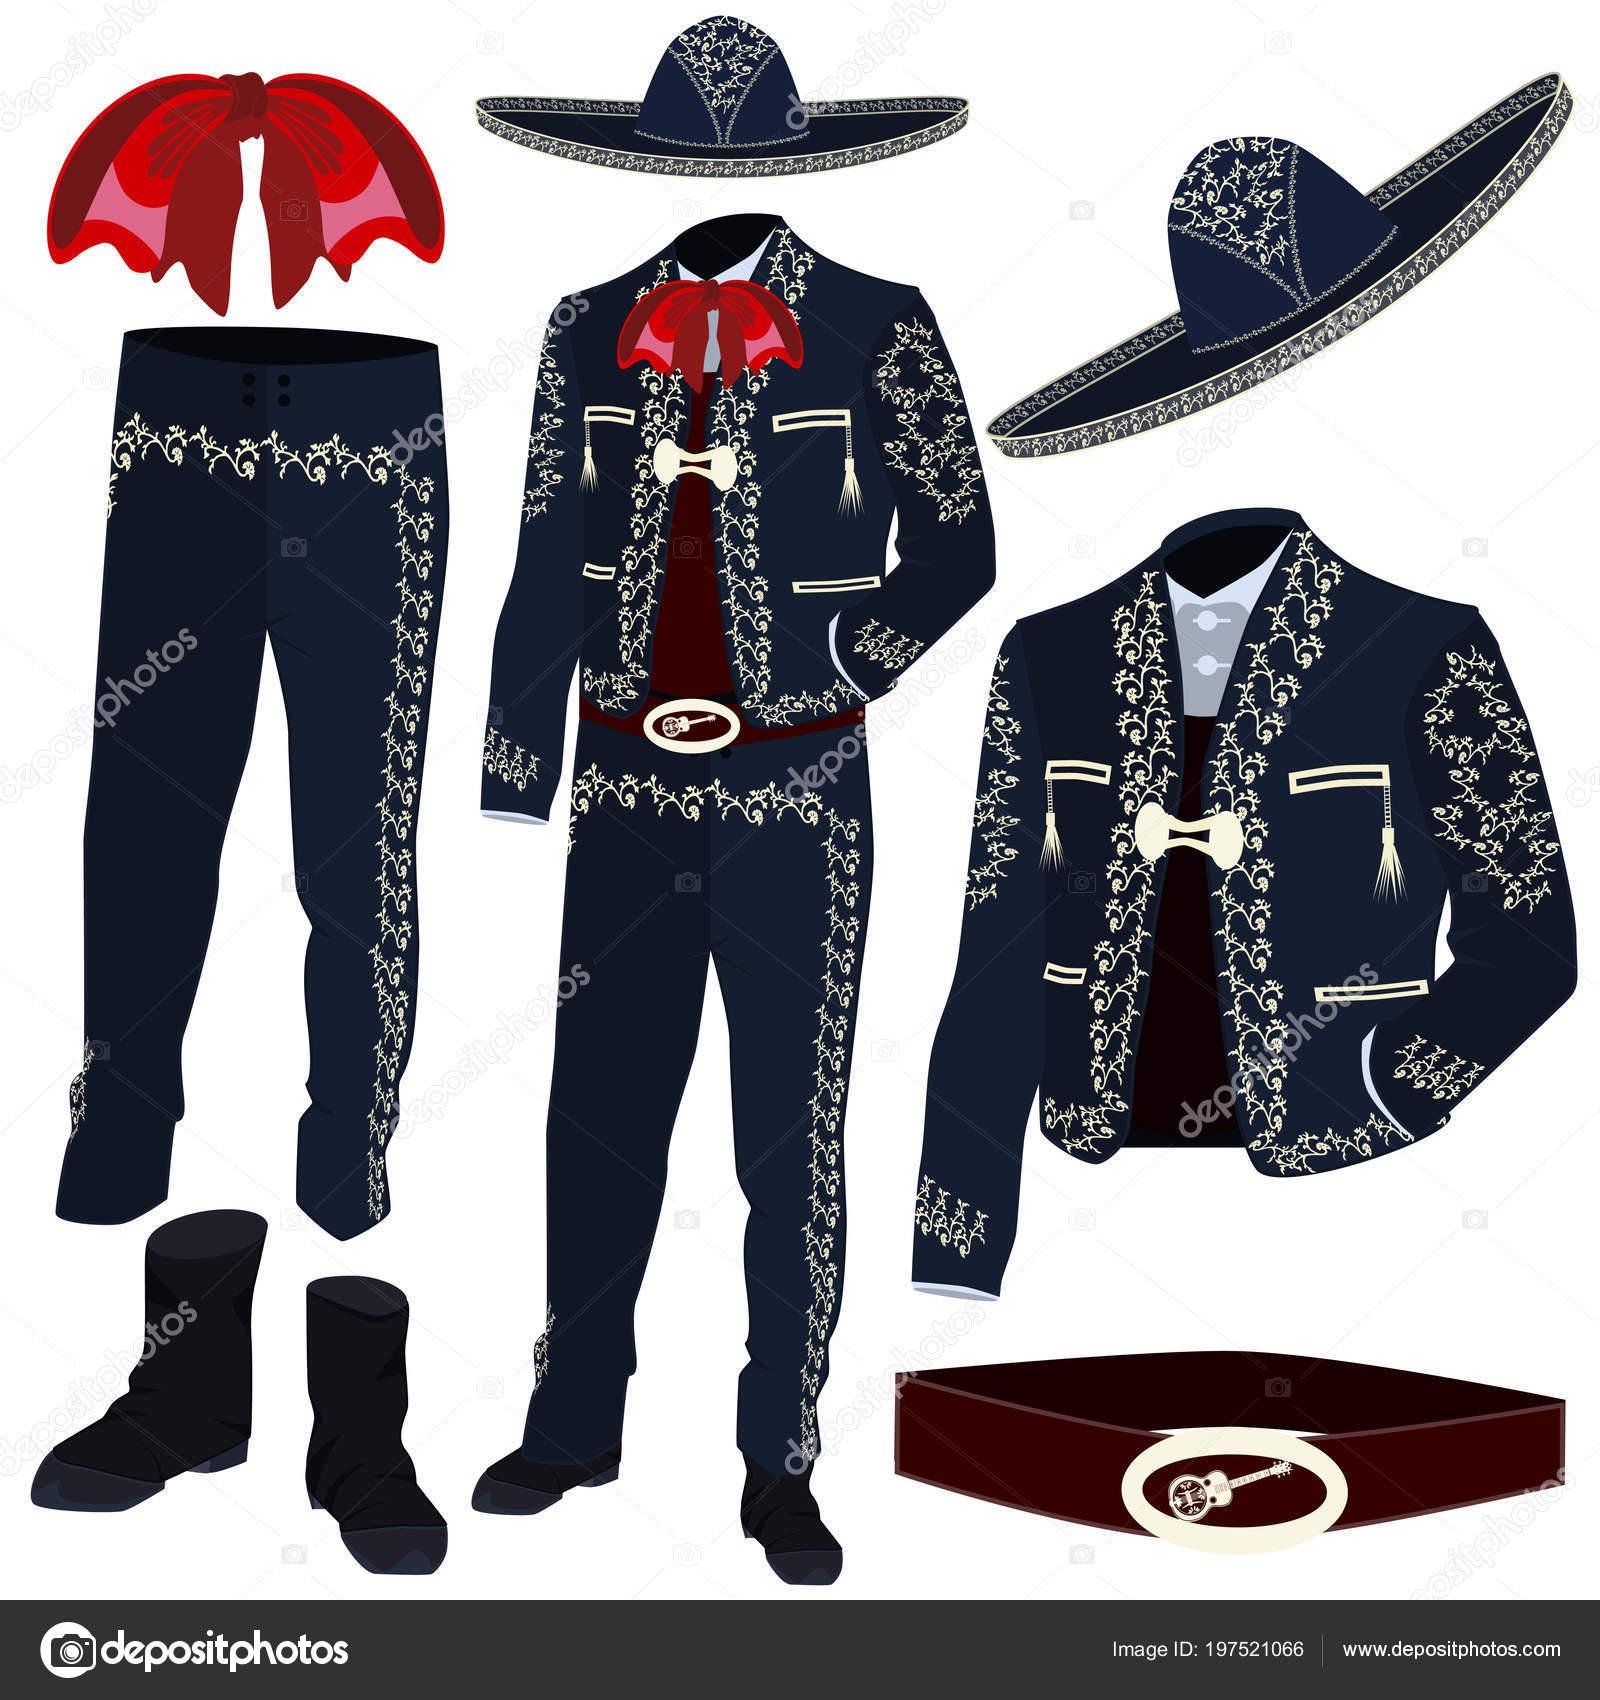 18b086e8f0dd6 Piezas de traje de músico de mariachi y sombrero de mariachi. Traje de  charro tradicional mexicano y América central utilizado en celebraciones y  eventos ...